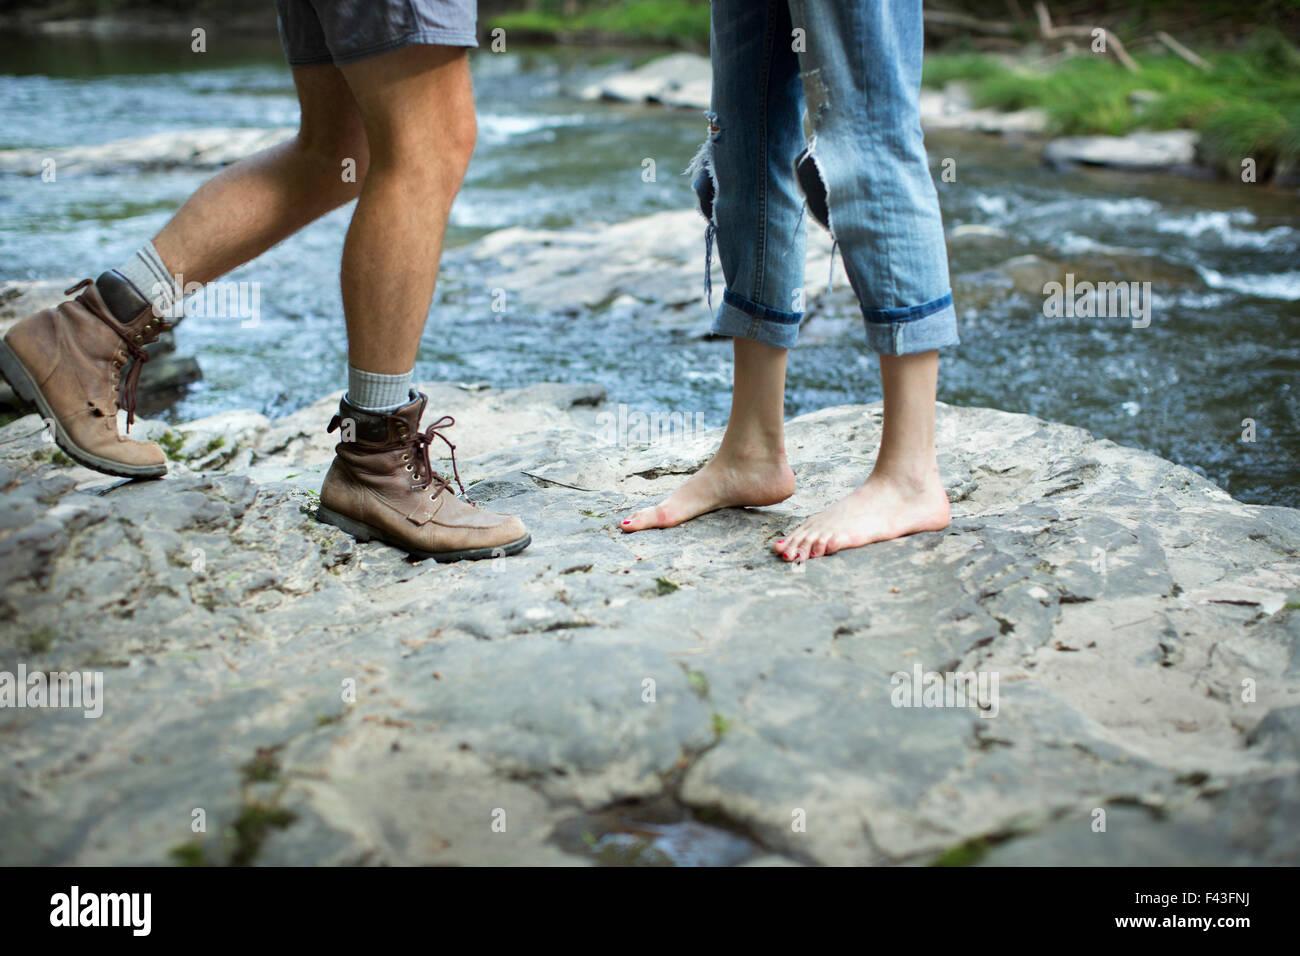 Deux personnes sur les rochers par un popmusictttttt, homme et femme, jambes et pieds. Photo Stock